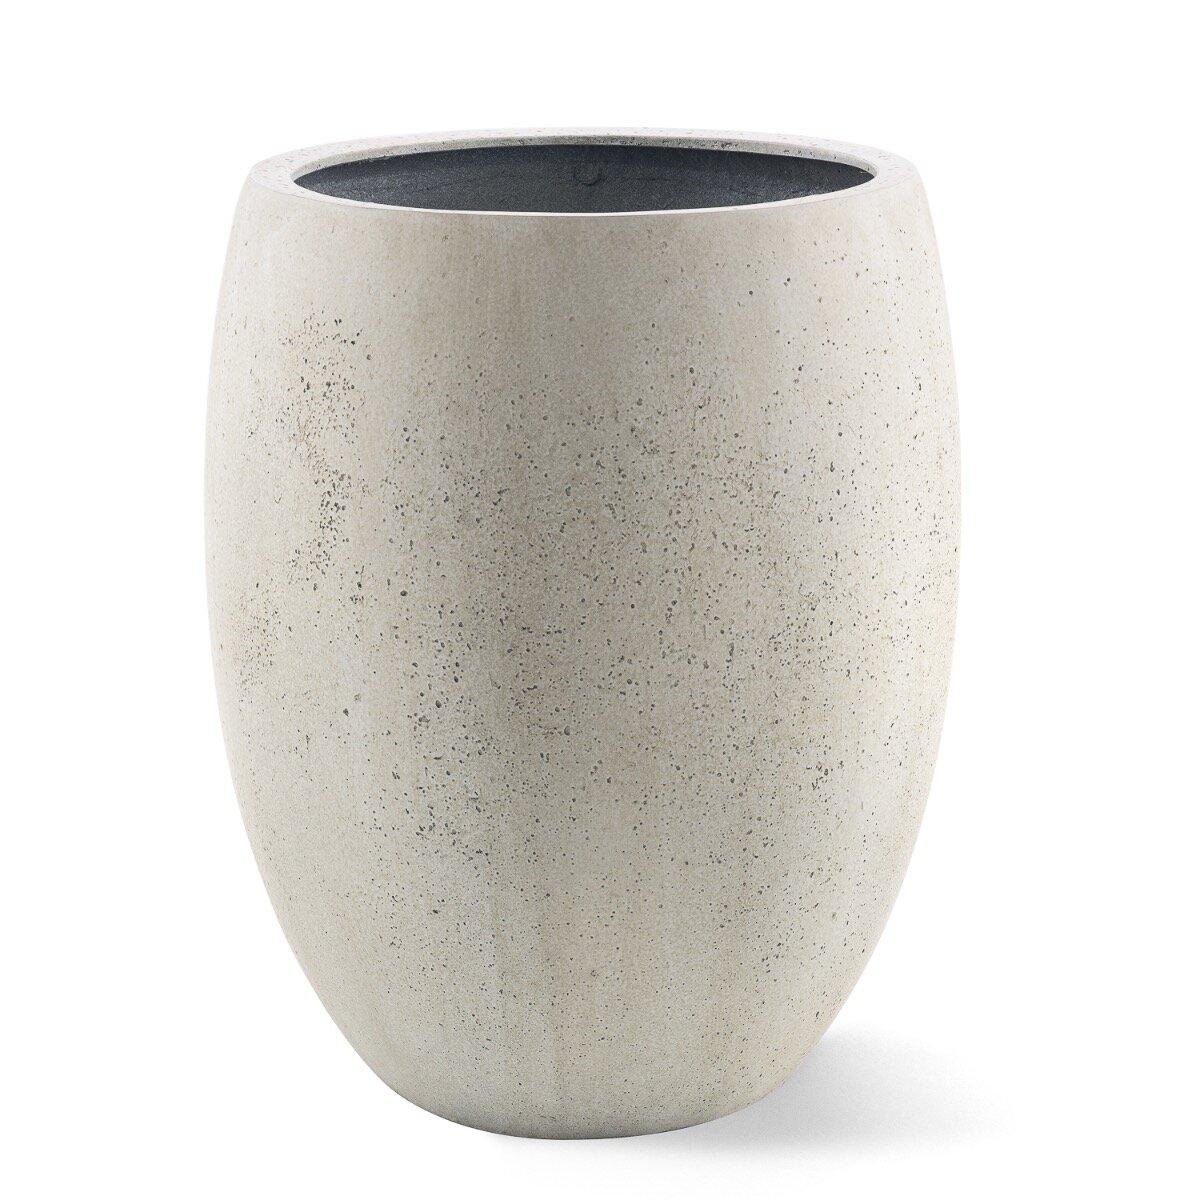 Plastový květináč vzhledu beton 40 x 40 x 68 cm